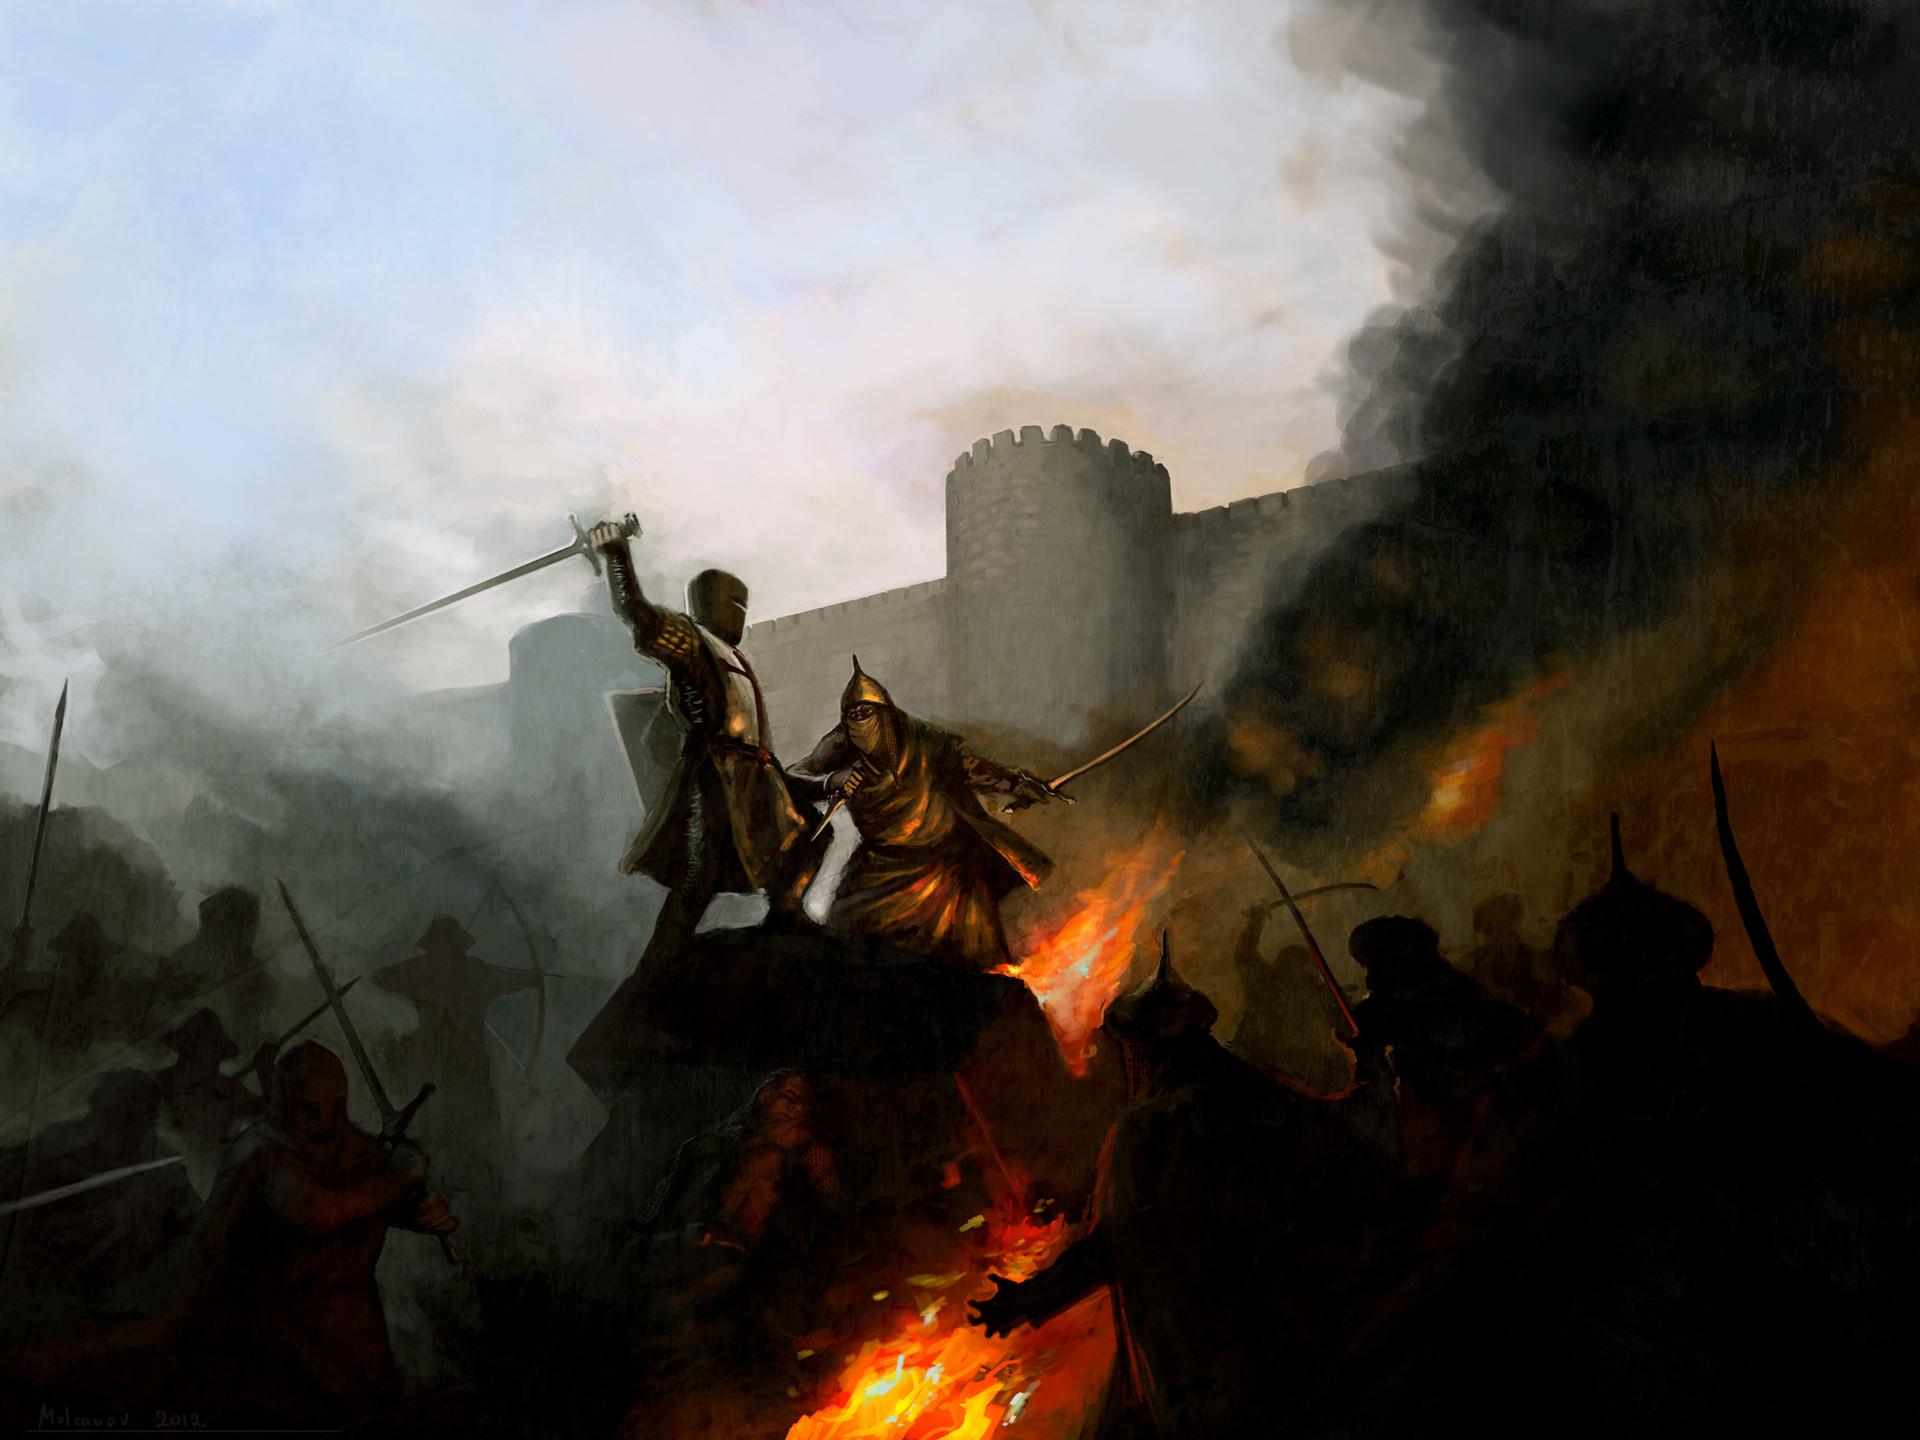 crusader_kings_2_loading_screen_by_zenarion-d50osk7